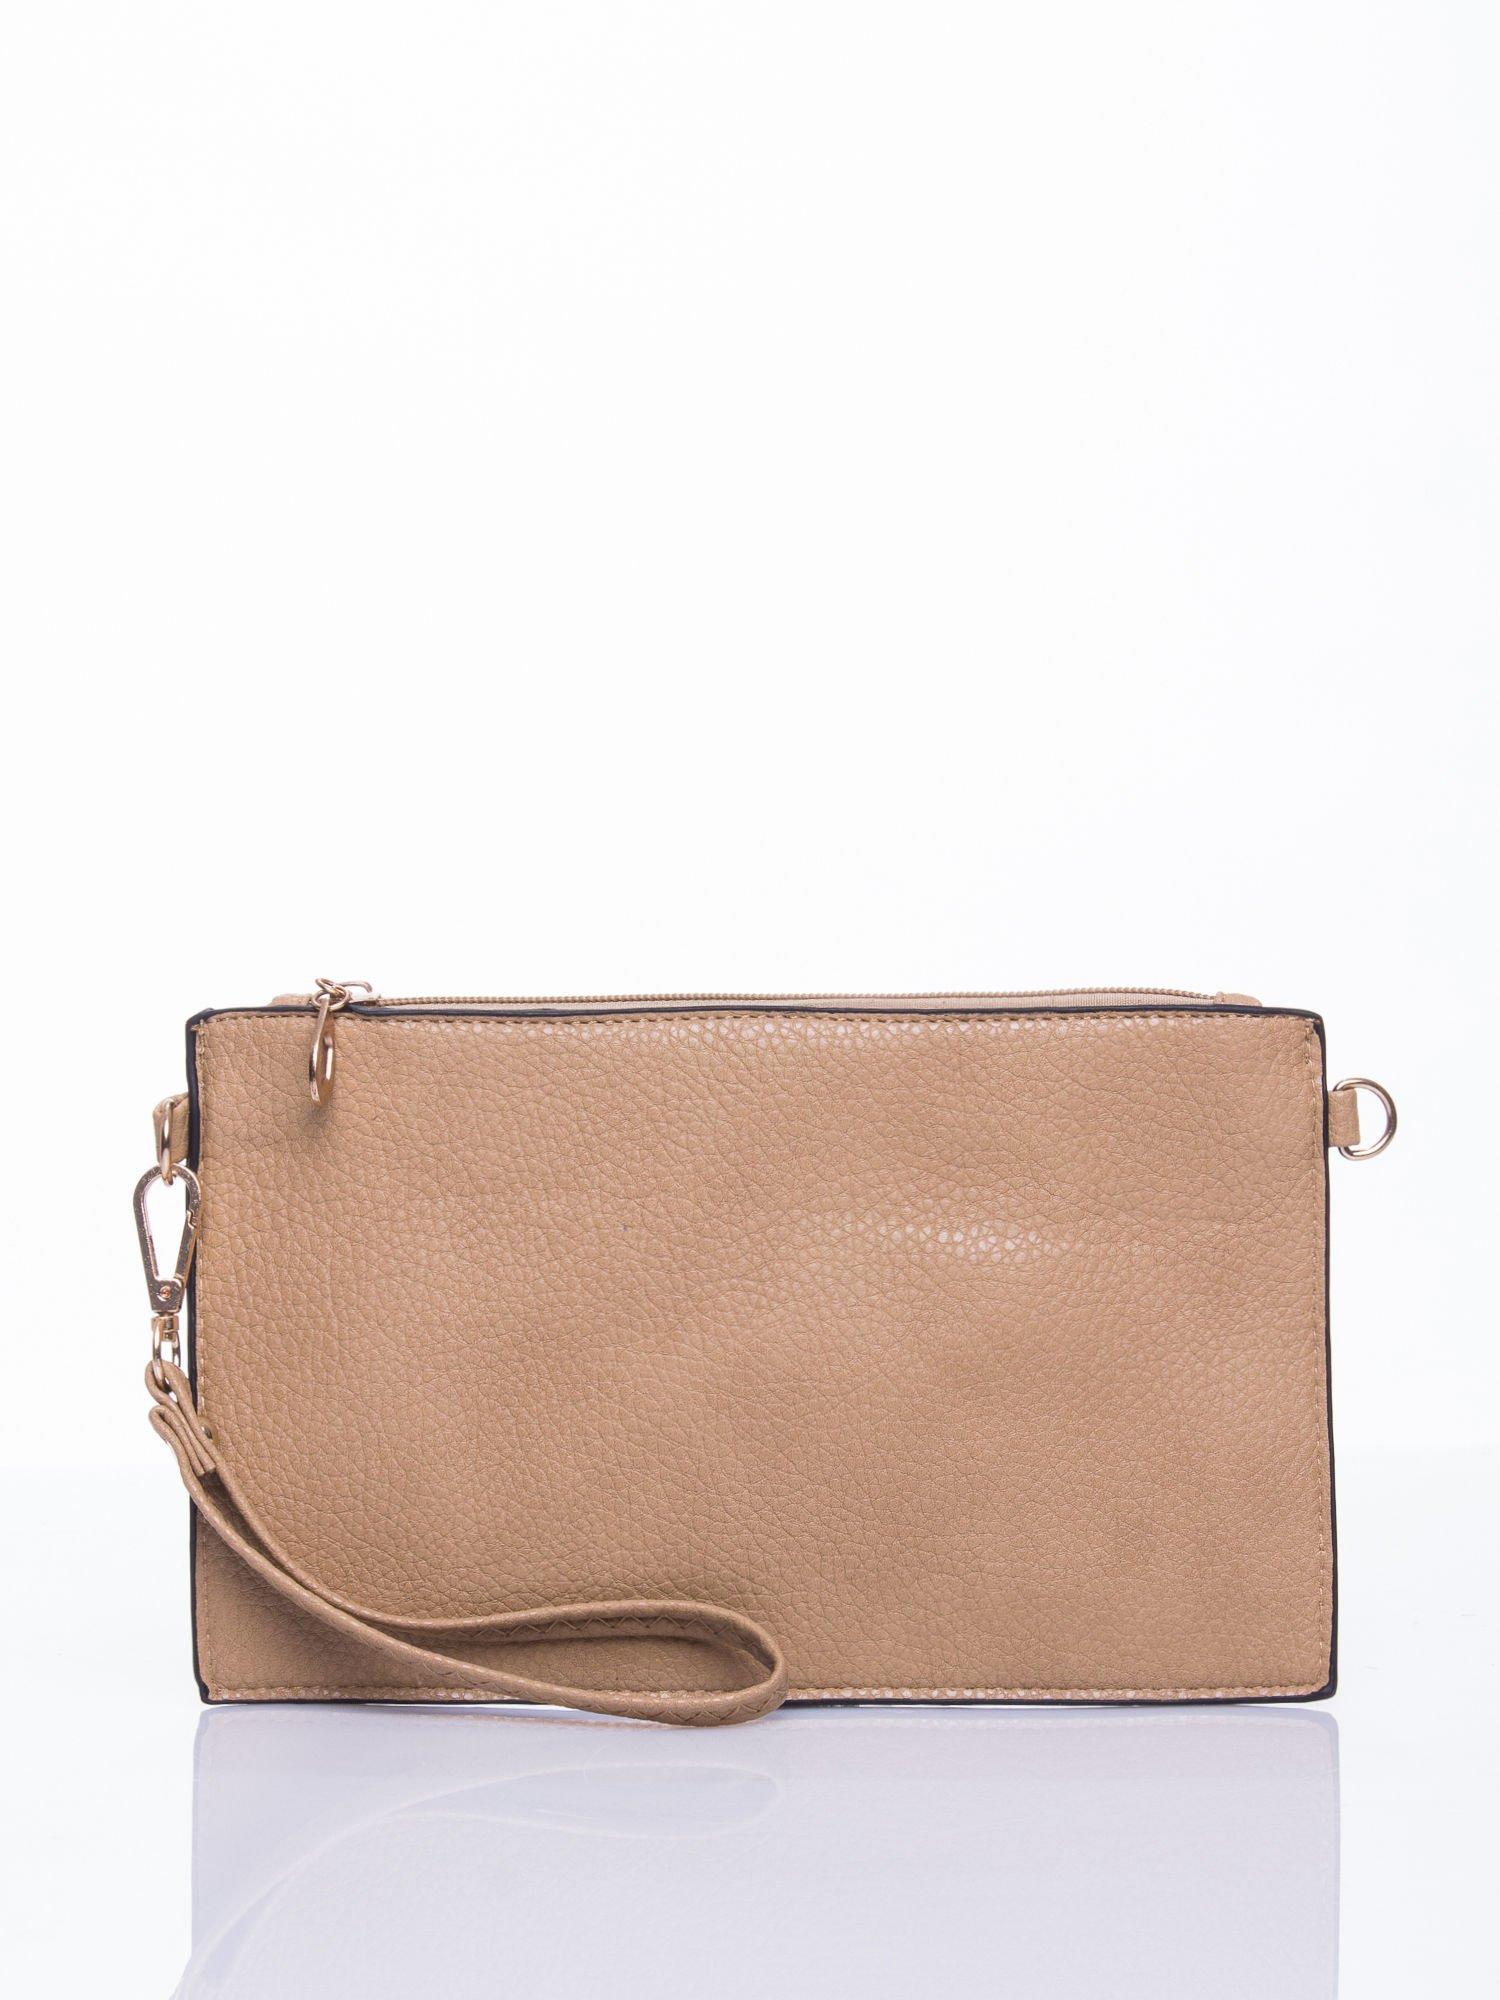 Brązowa prosta przewieszana torebka z uchwytem                                  zdj.                                  1